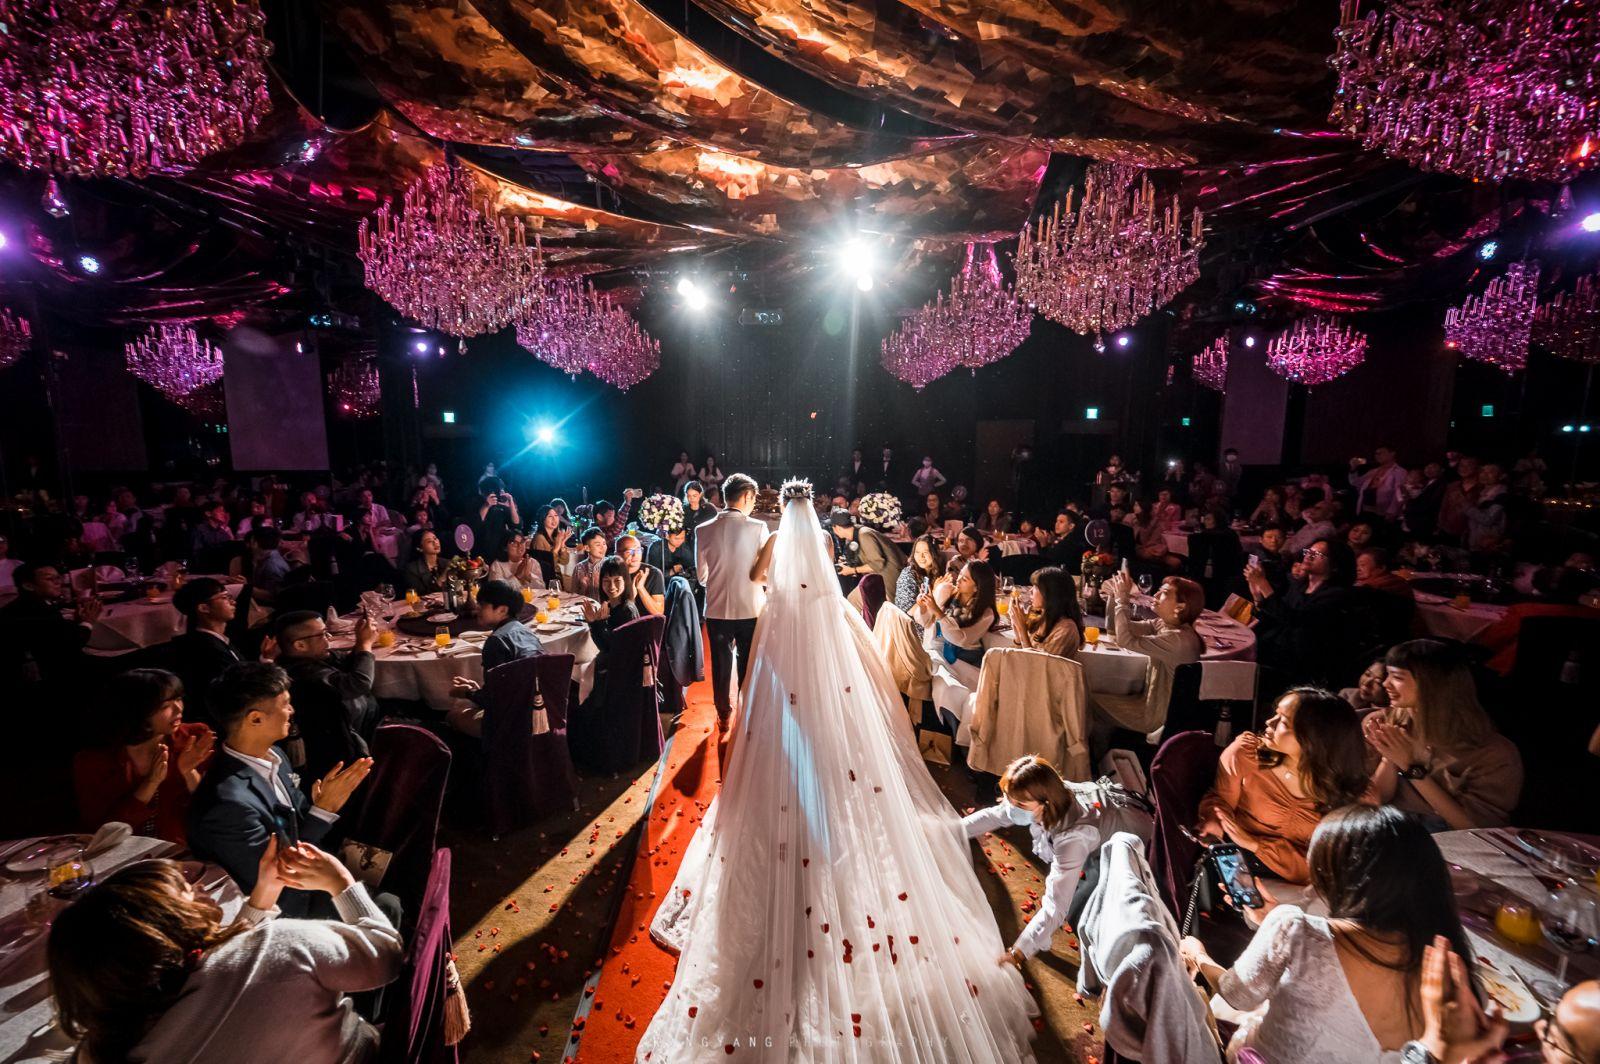 [台北婚攝] Yan & Chiao 午儀晚宴 婚禮紀錄 @ 台北君品酒店 亮廳   #婚攝楊康